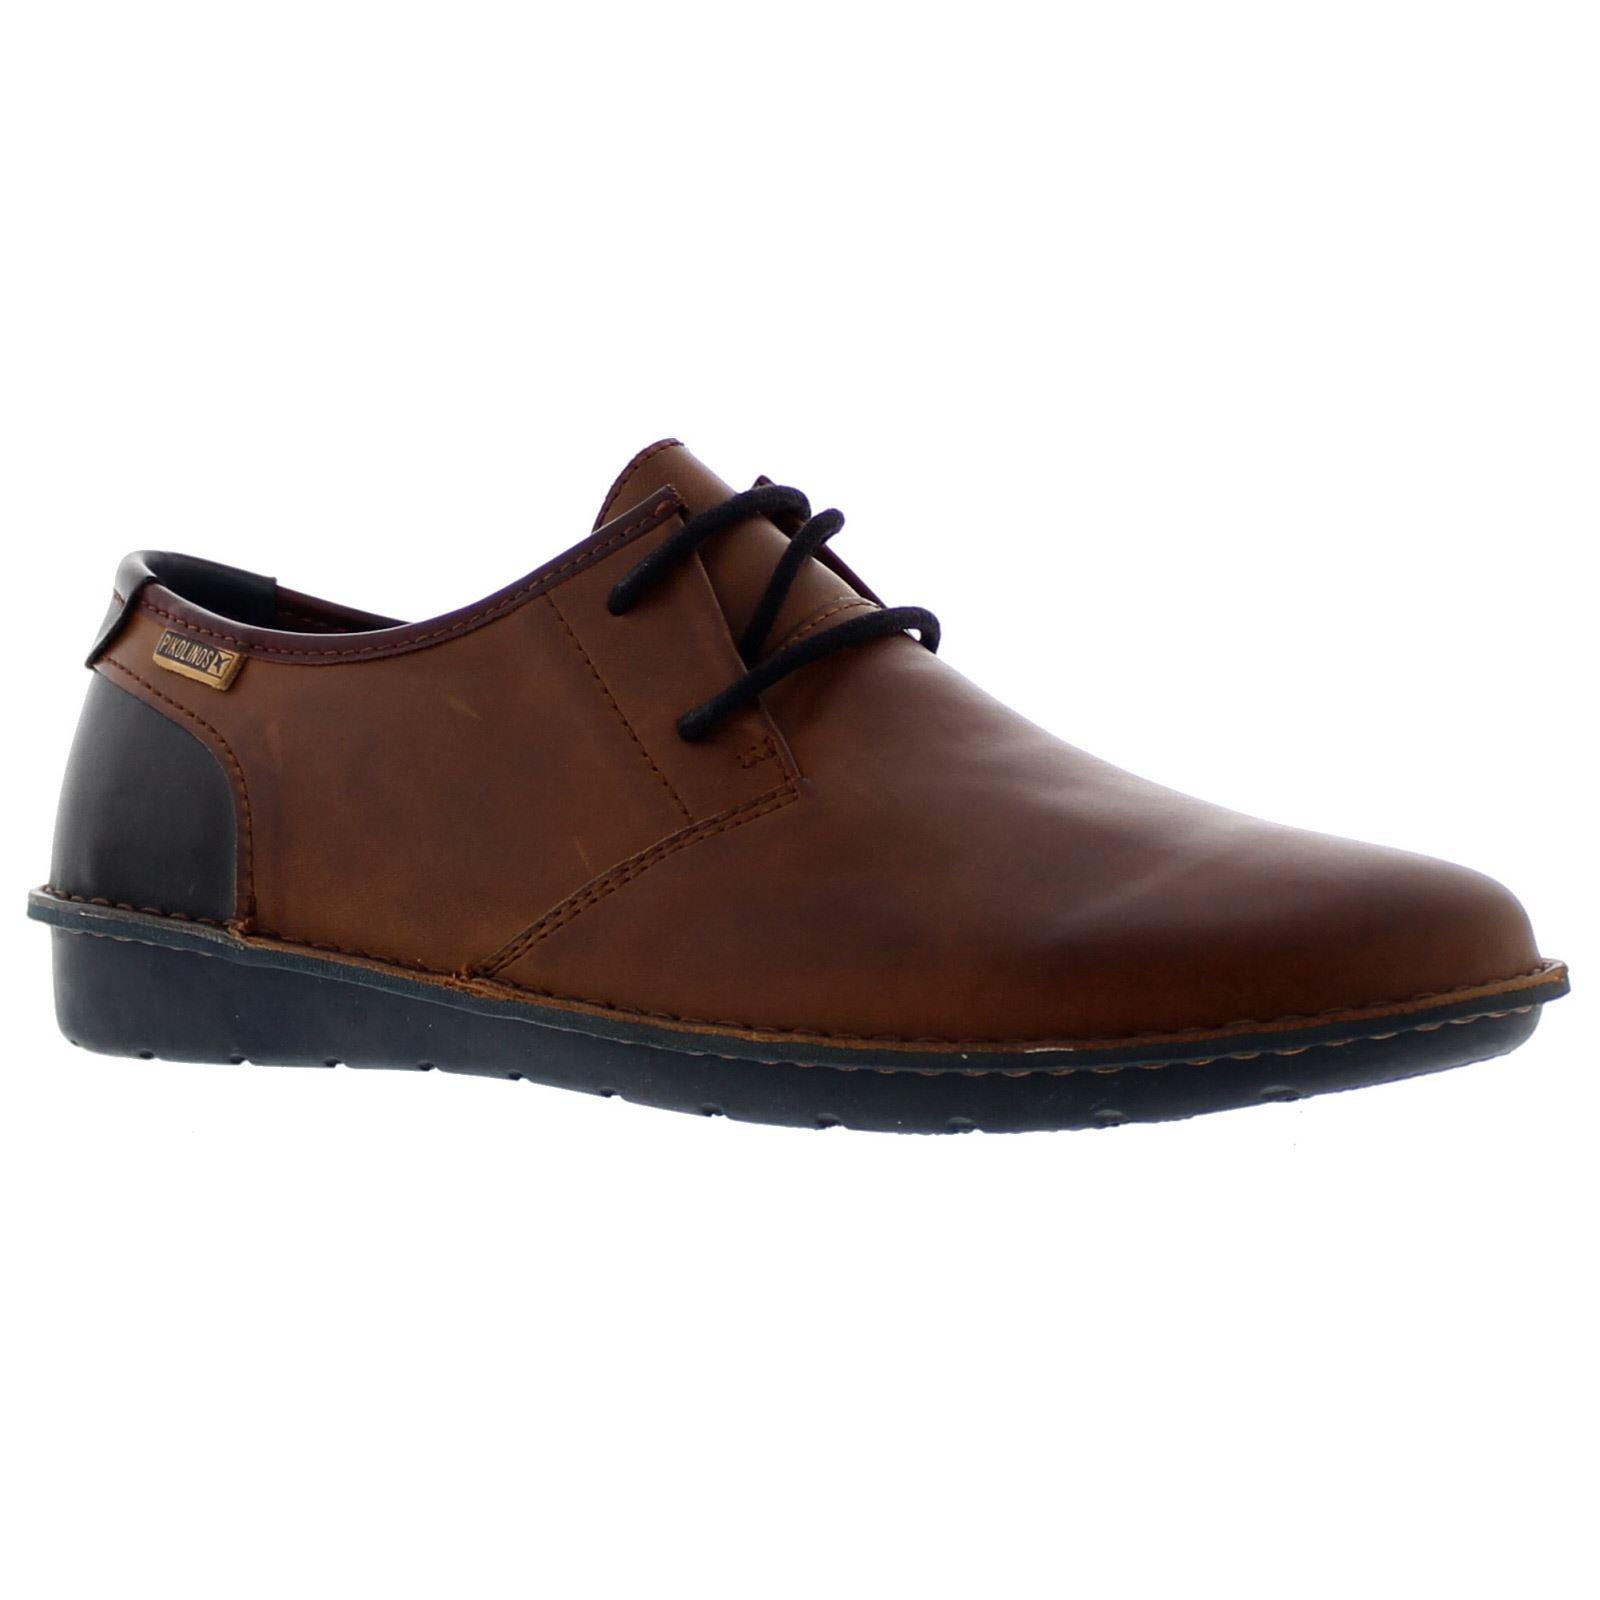 Detalles de Pikolinos Santiago M7B 4023C3 Universidad Para Hombre De Cuero Con Cordones Zapatos Derby de bajo perfil ver título original